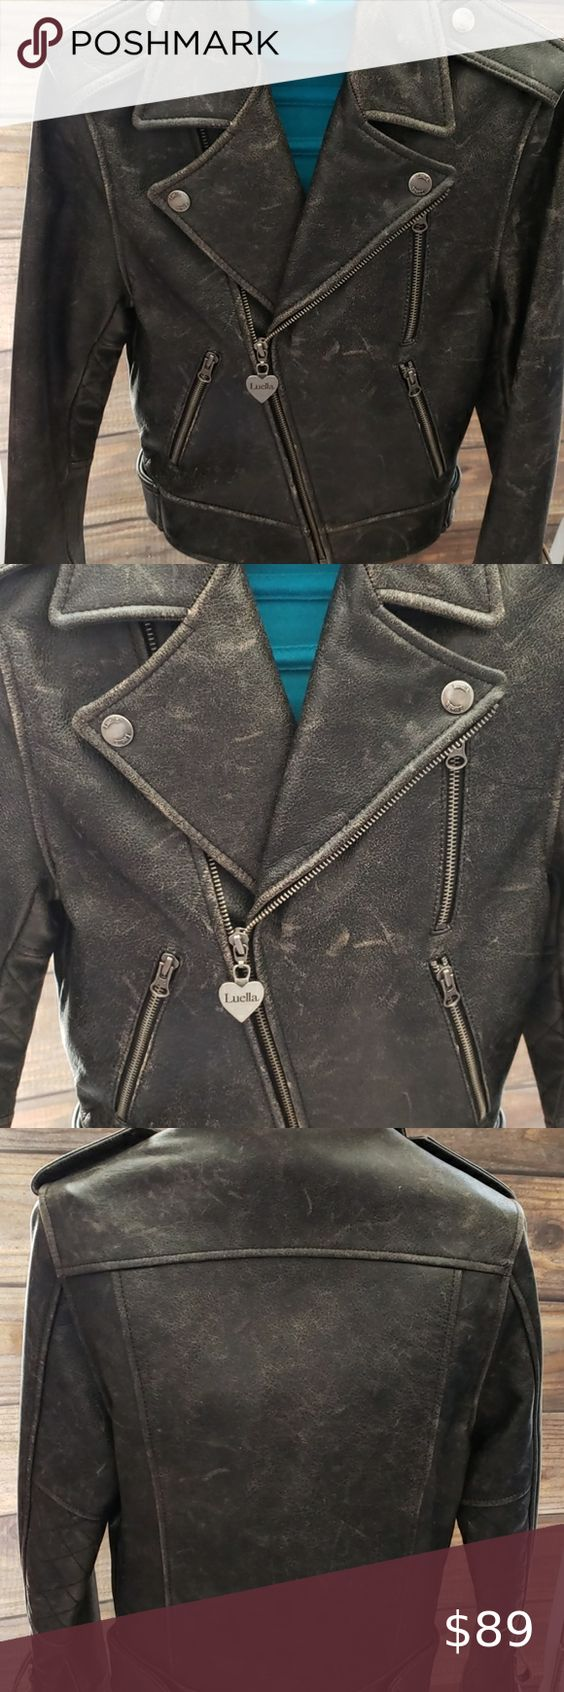 Luella Leather Moto Biker Jacket Moto Biker Jacket Jackets Biker Jacket [ 1692 x 564 Pixel ]